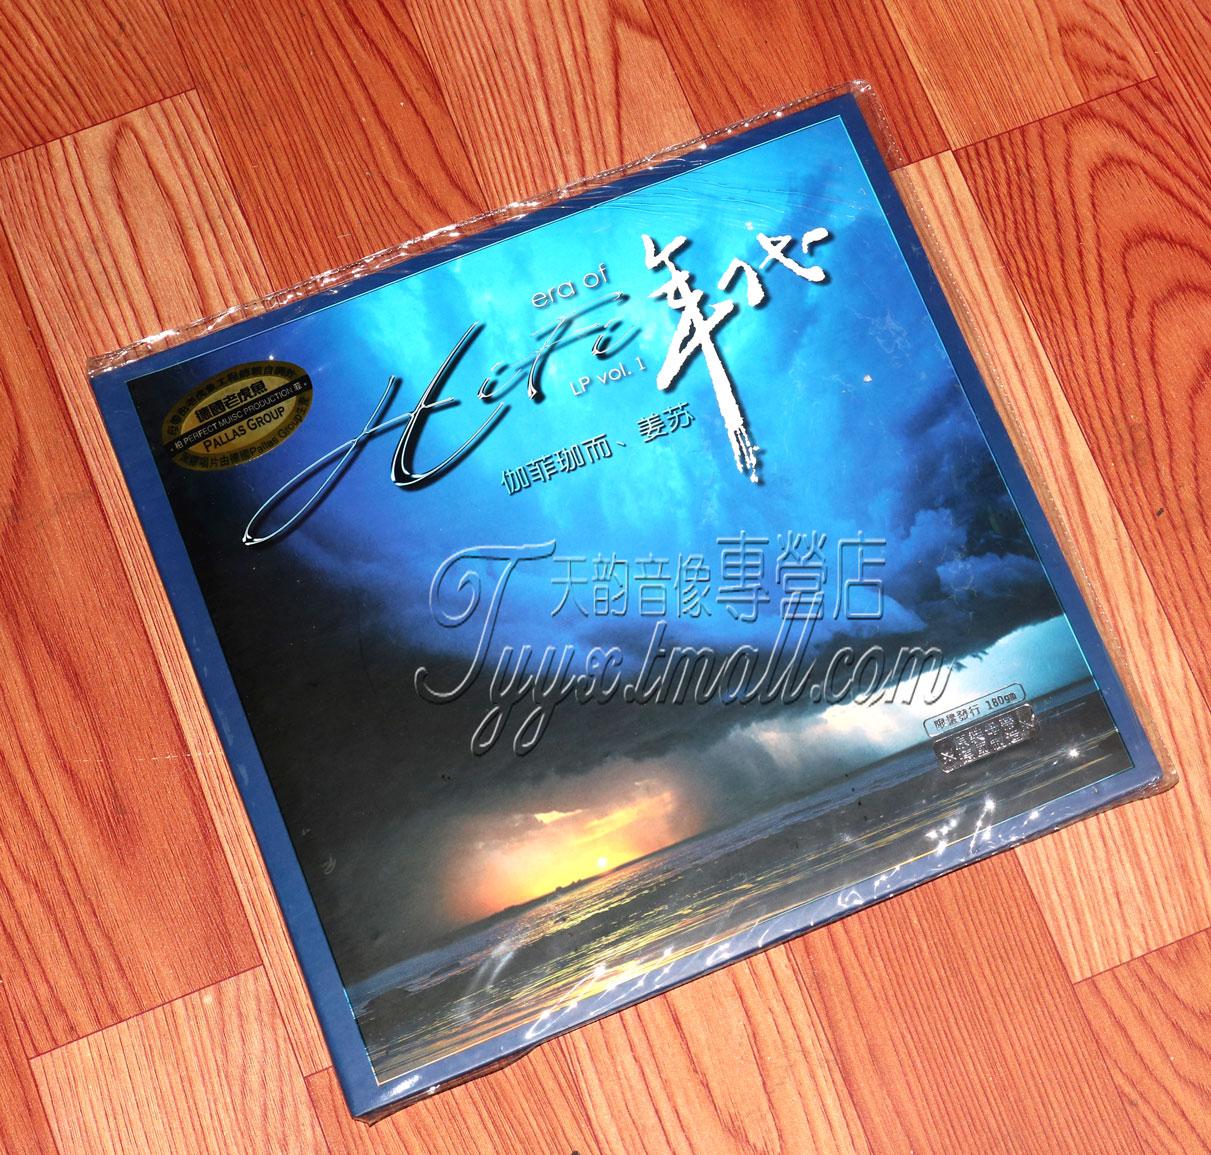 留声机专用黑胶唱片 柏菲 HIFI年代1 第一集 伽菲珈而姜苏 限量版